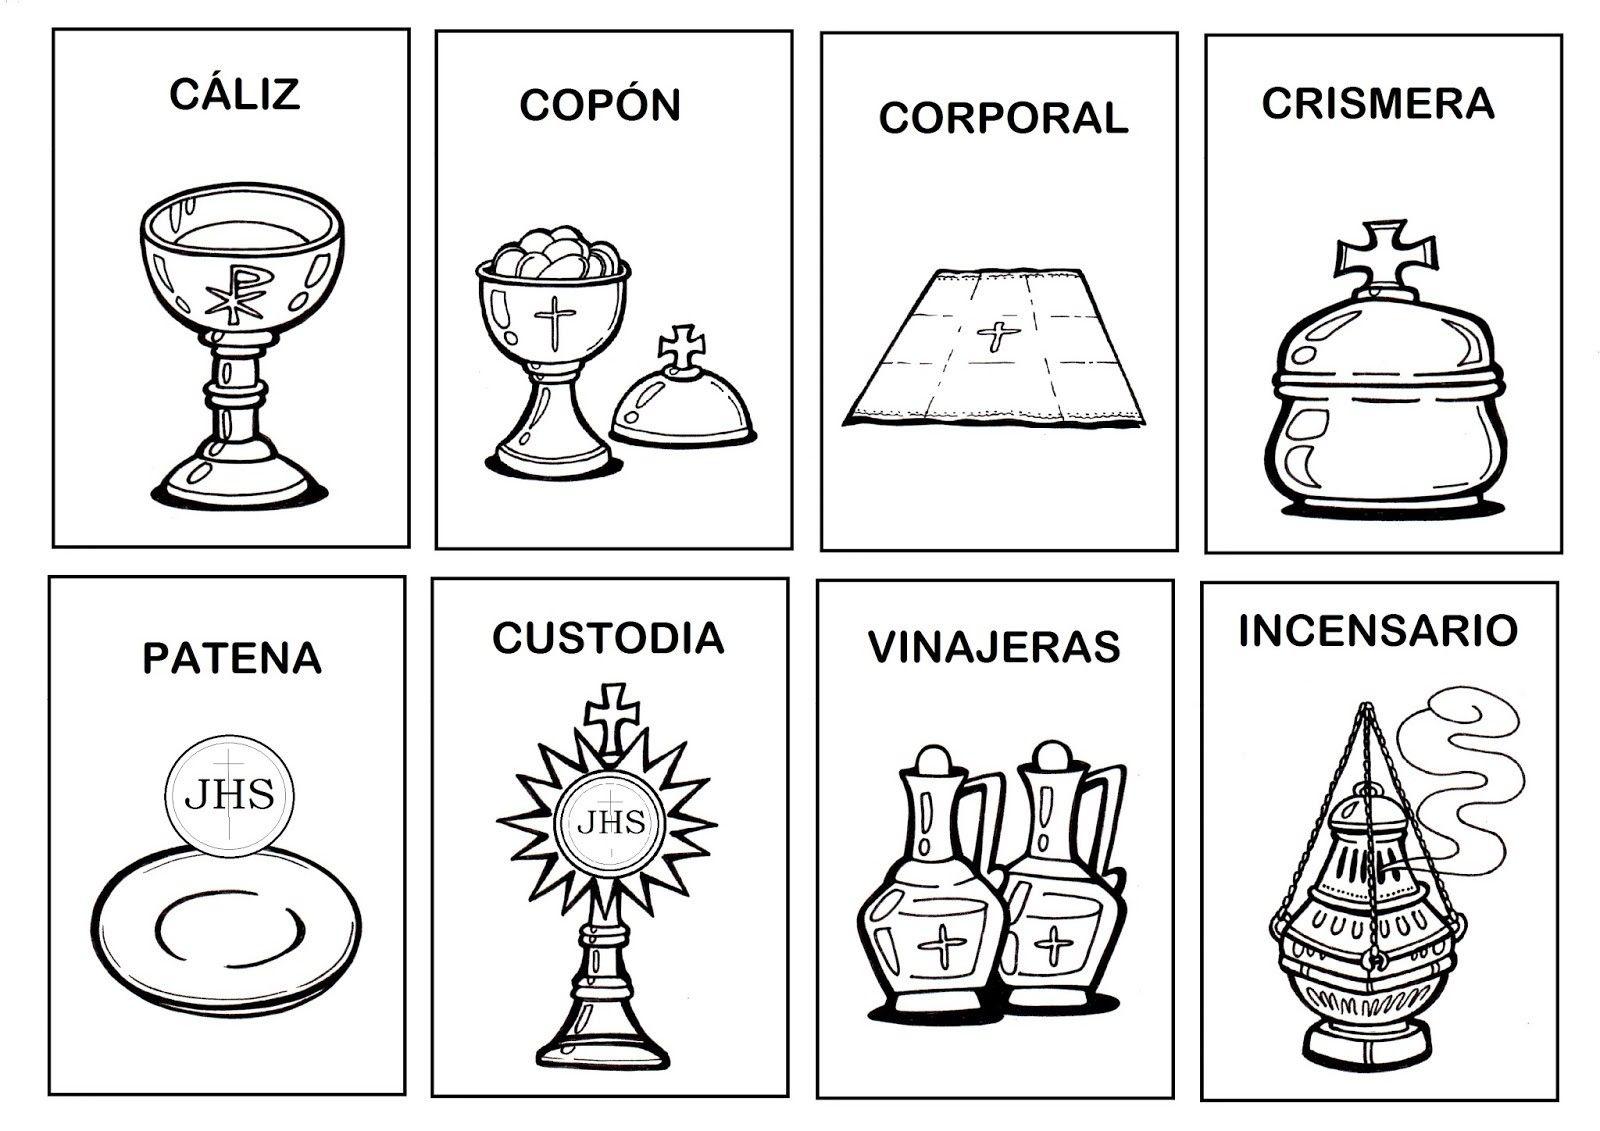 Pin De Iveth Murgueytio En Catequesis Catequesis Temas De Catequesis Enseñanzas Religiosas